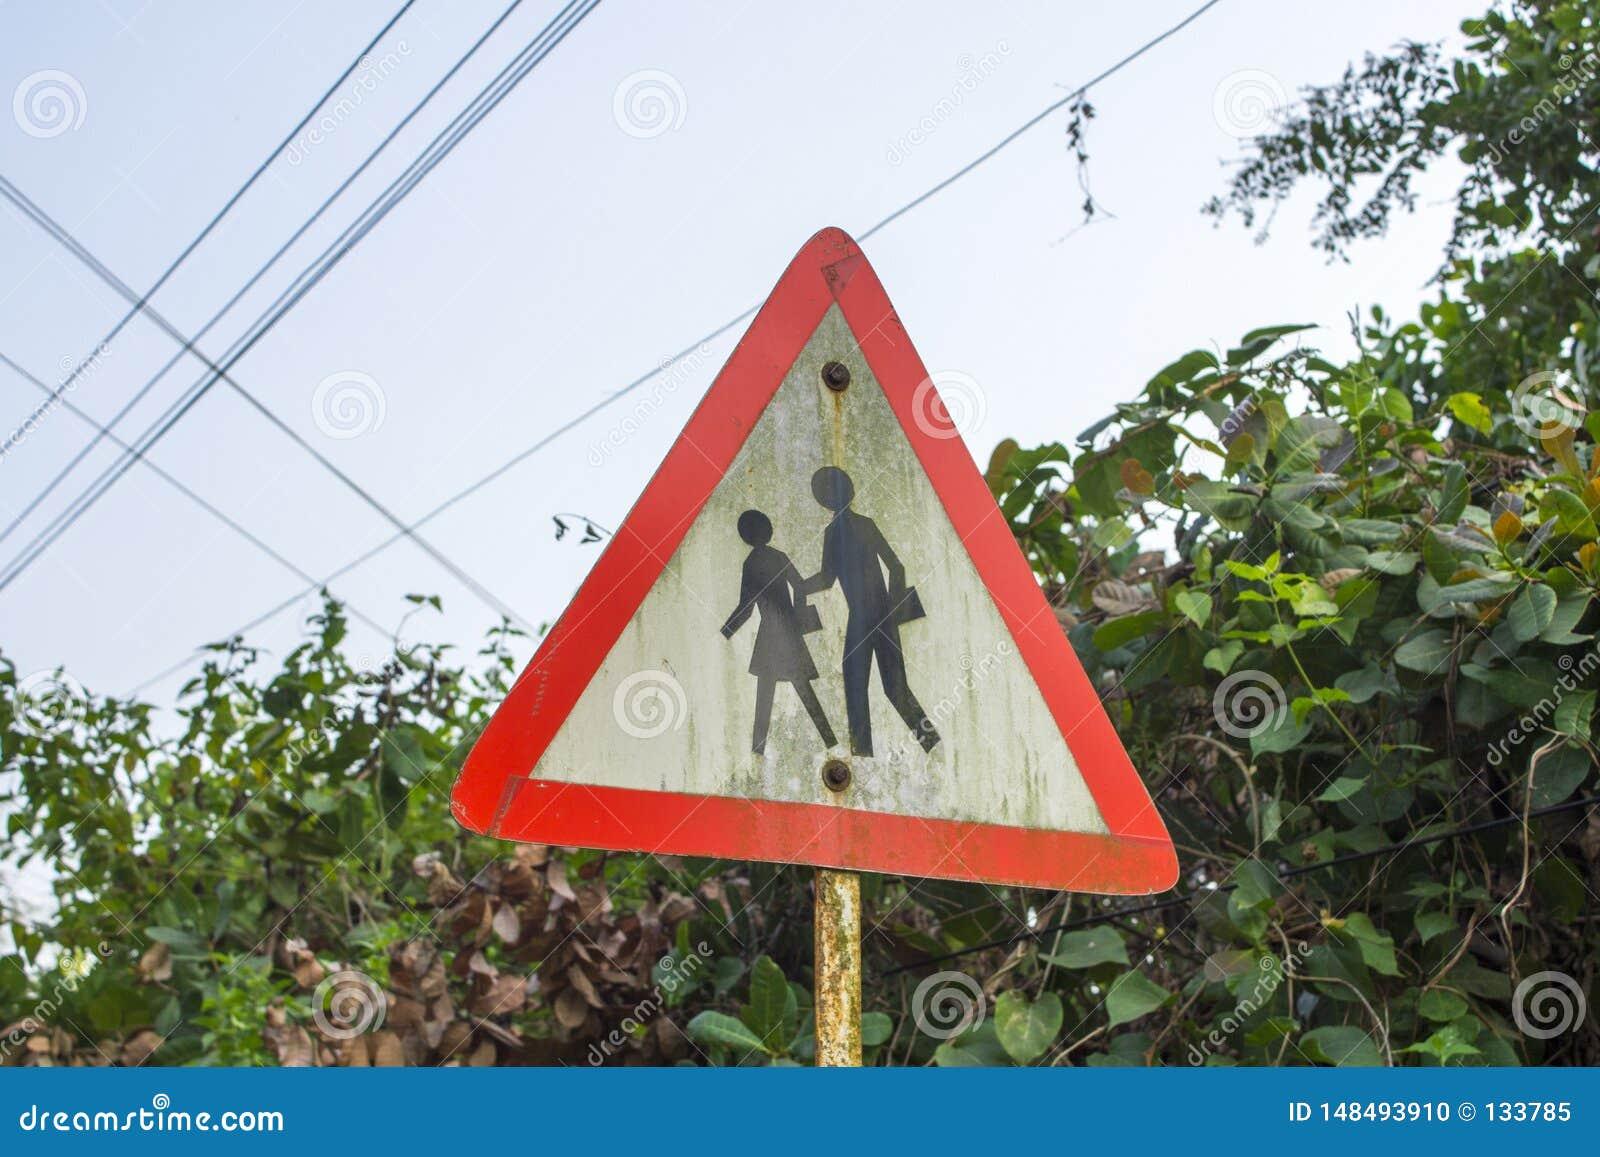 Gente triangolare di cautela del segnale stradale su un fondo dei cespugli verdi